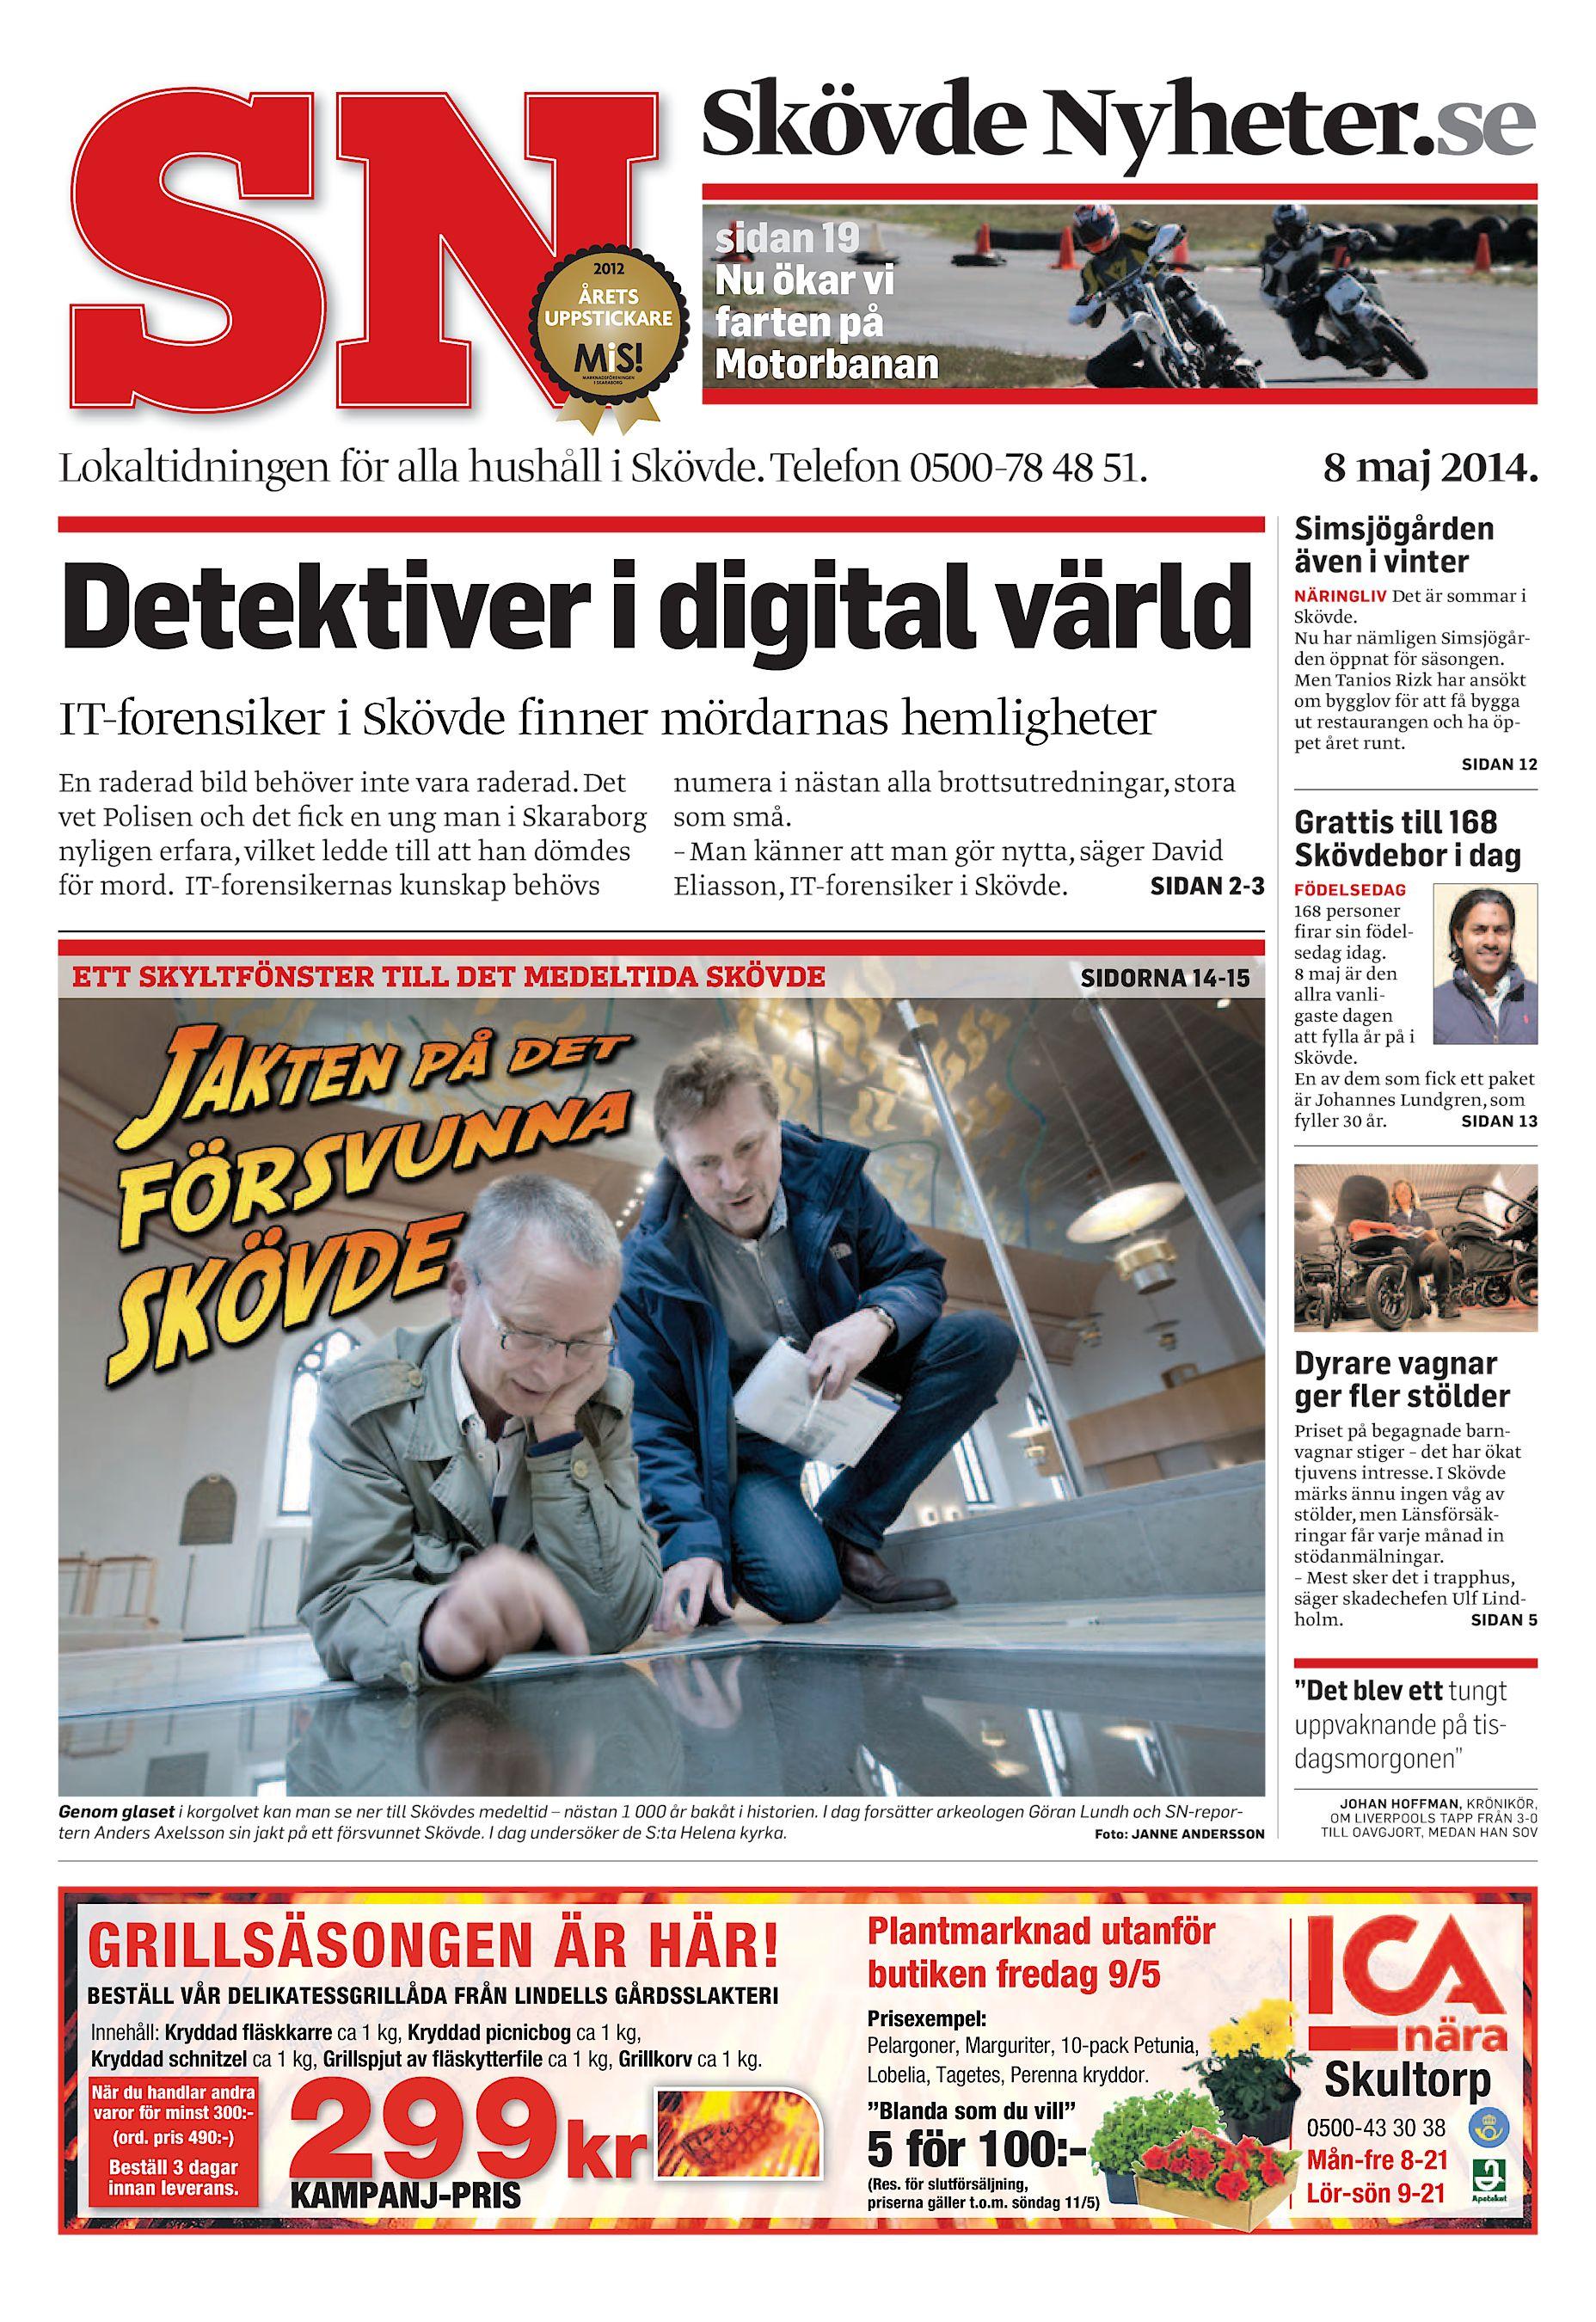 a352622b5c58 Skövde Nyheter.se sidan 19 Nu ökar vi farten på Motorbanan Lokaltidningen  för alla hushåll i Skövde. Telefon 0500-78 48 51. Detektiver i digital  värld ...